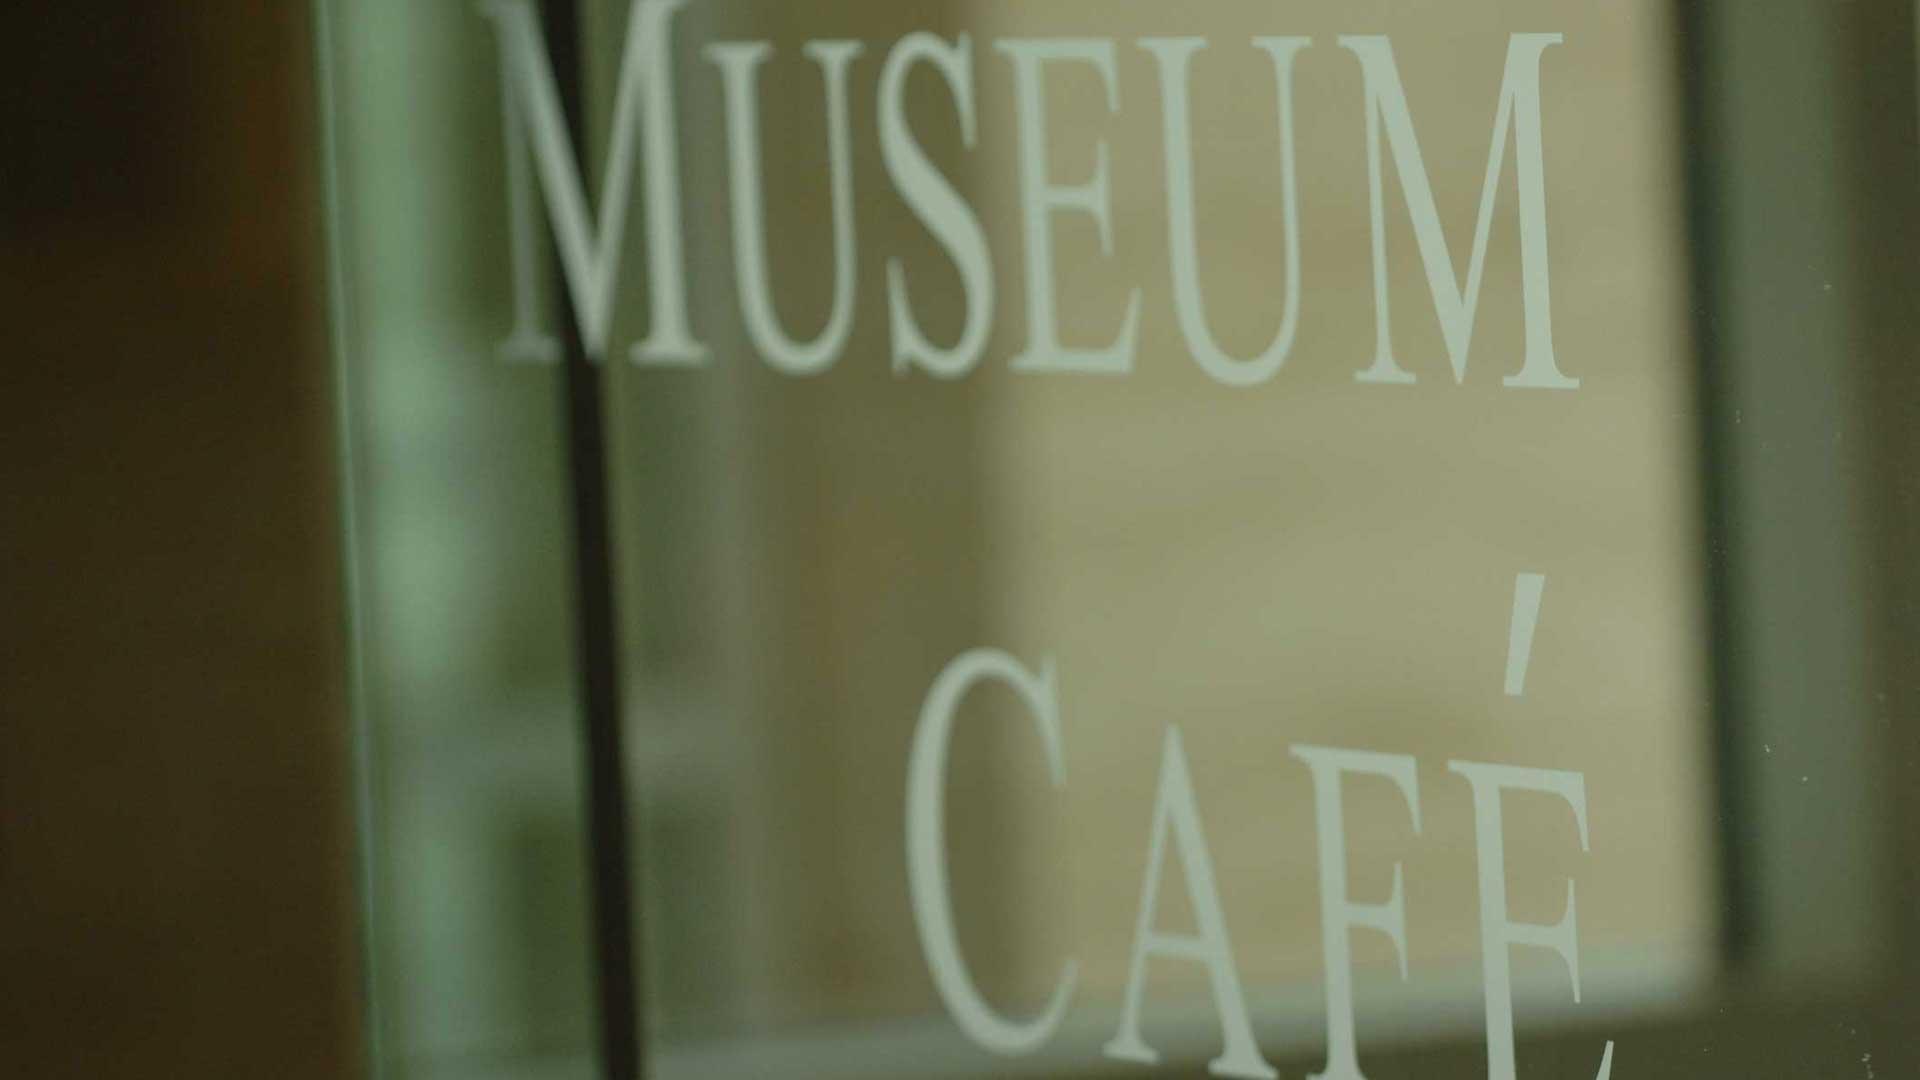 Glass door to Museum Cafe